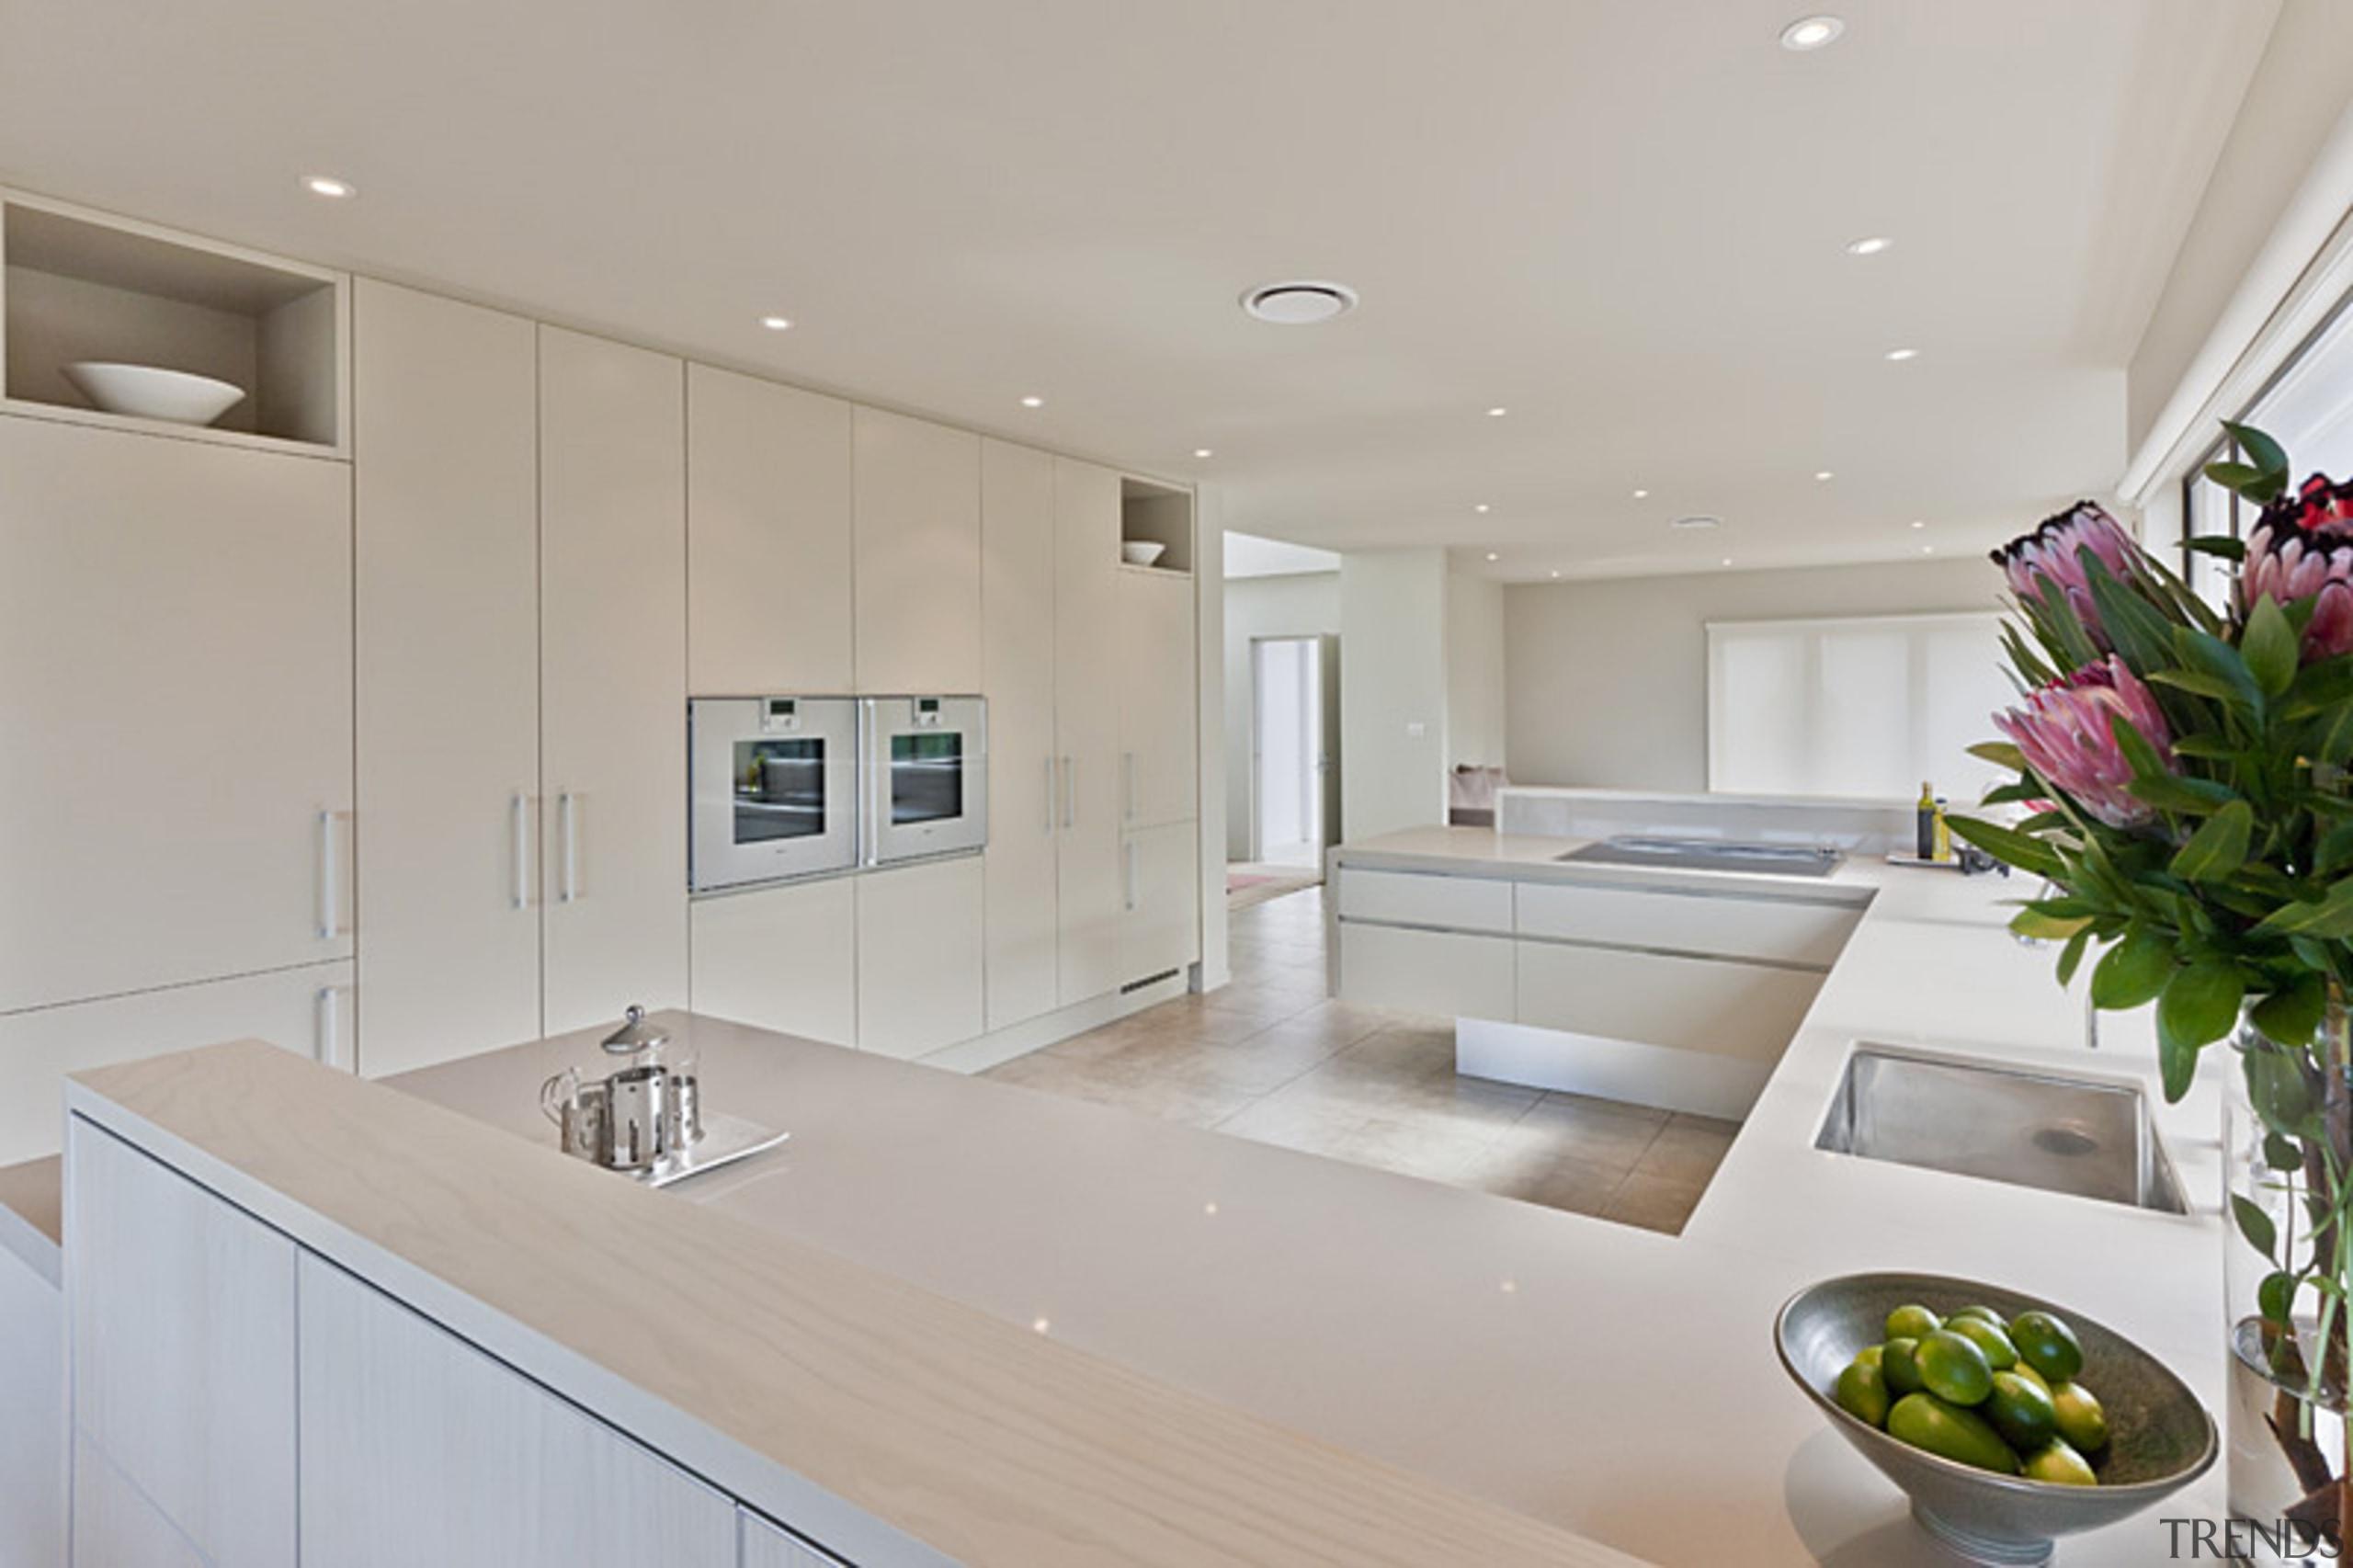 Pauanui - countertop | interior design | kitchen countertop, interior design, kitchen, property, real estate, gray